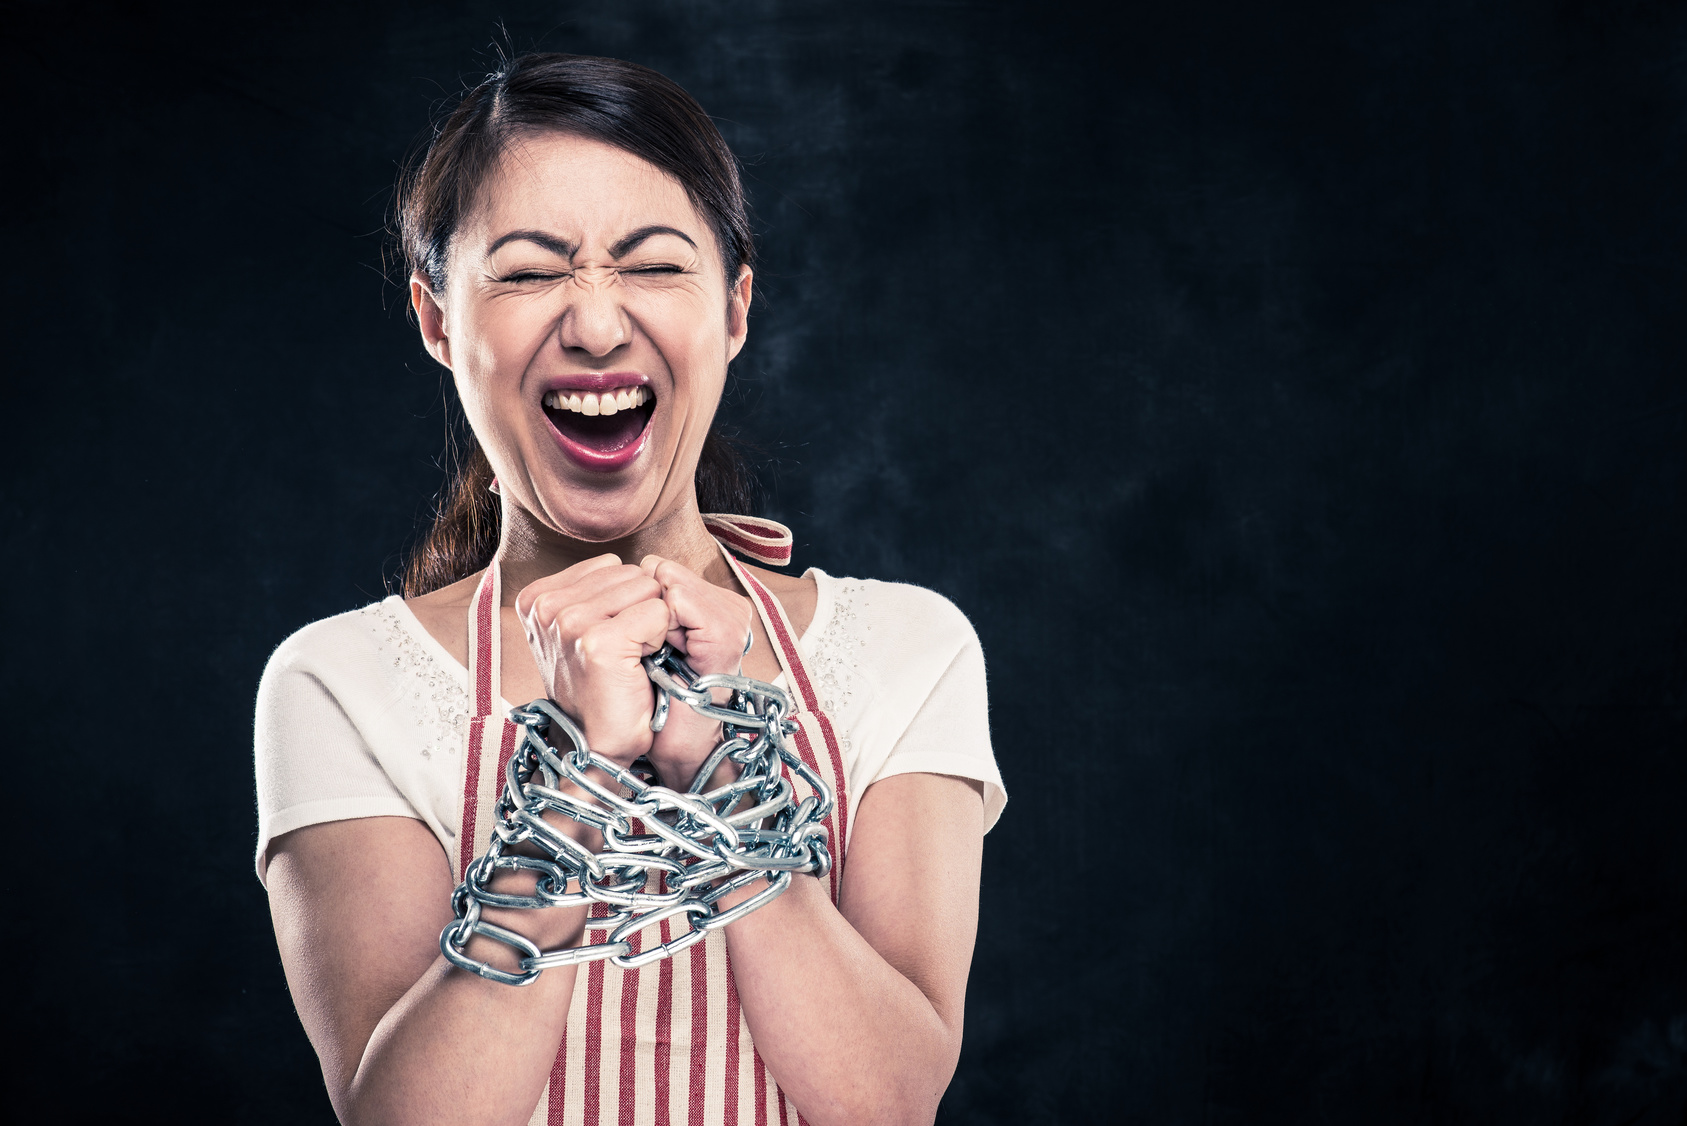 手を鎖で縛られている女性